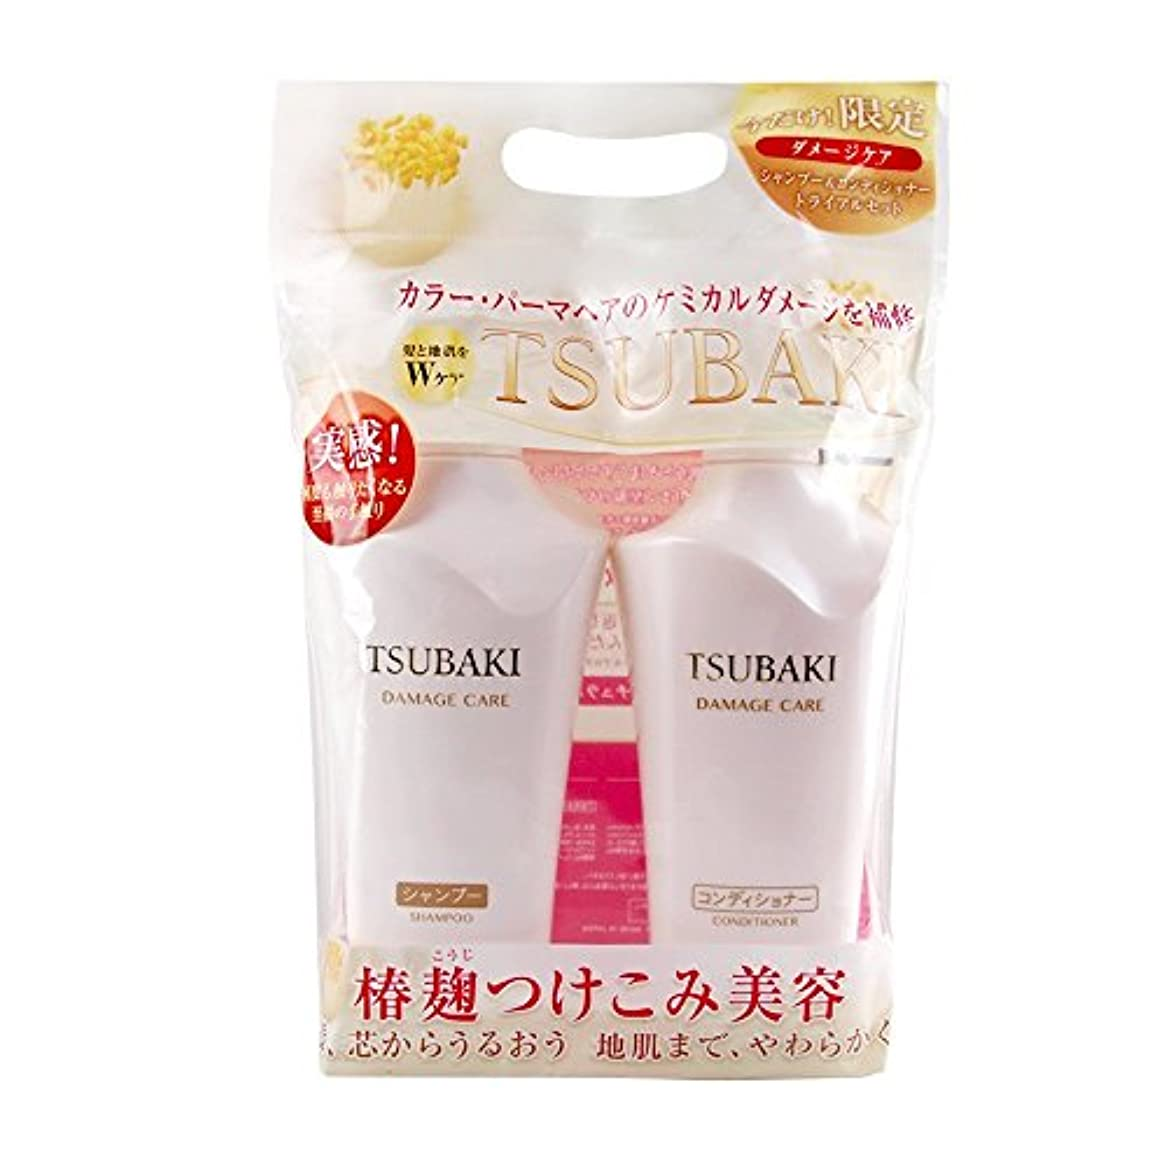 衝動博覧会理由TSUBAKI ダメージケア シャンプー&コンディショナー ジャンボペアセット (500ml+500ml)